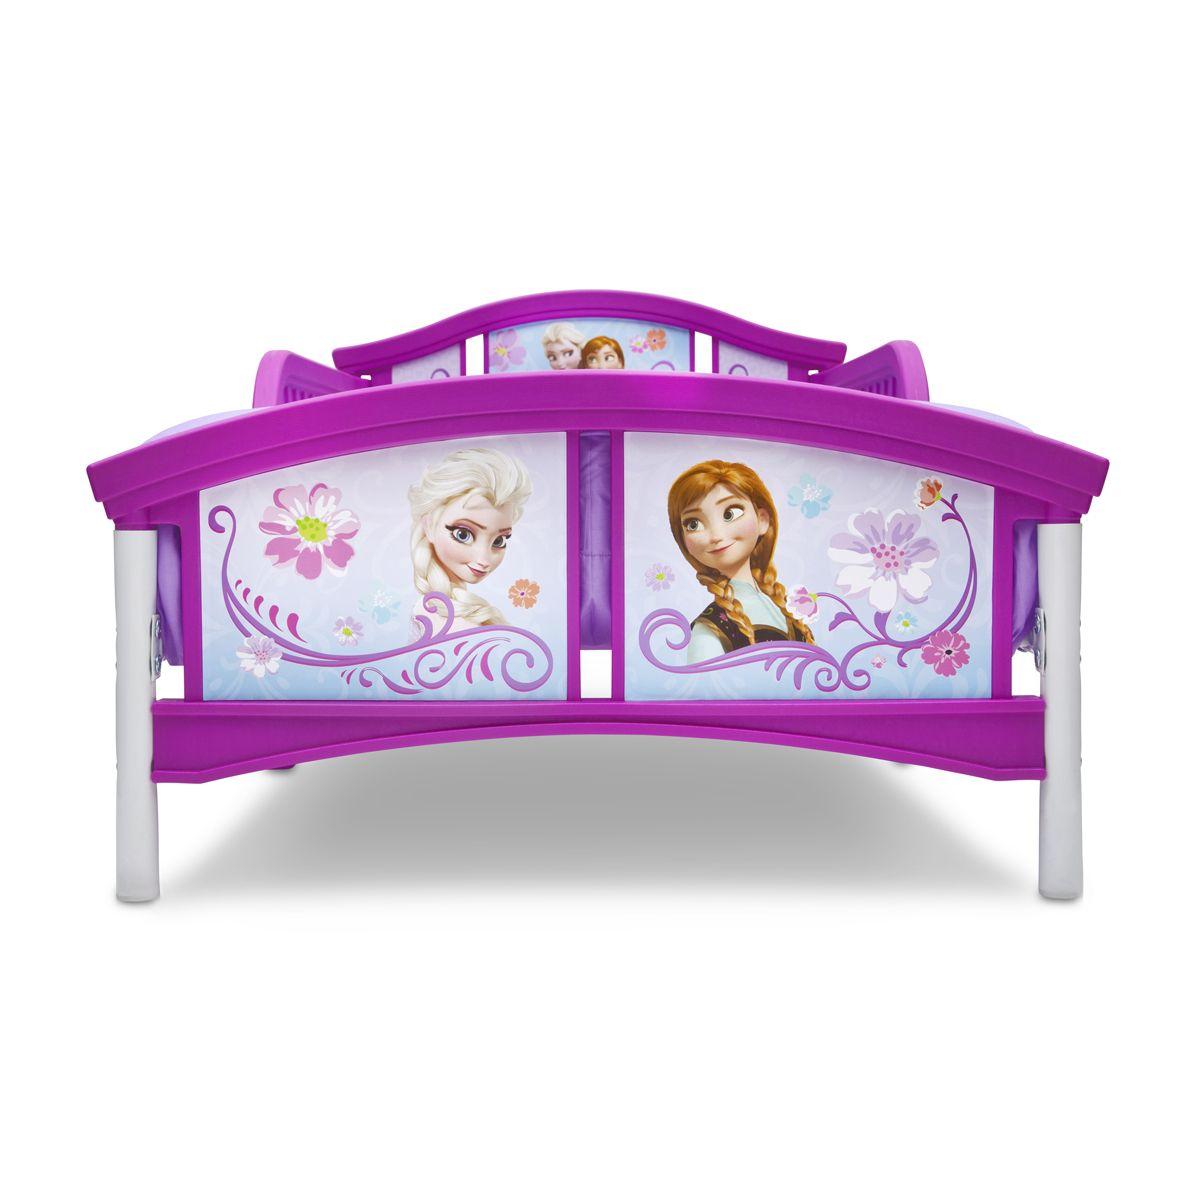 Delta Children Disney Frozen Plastic Toddler Bed Character